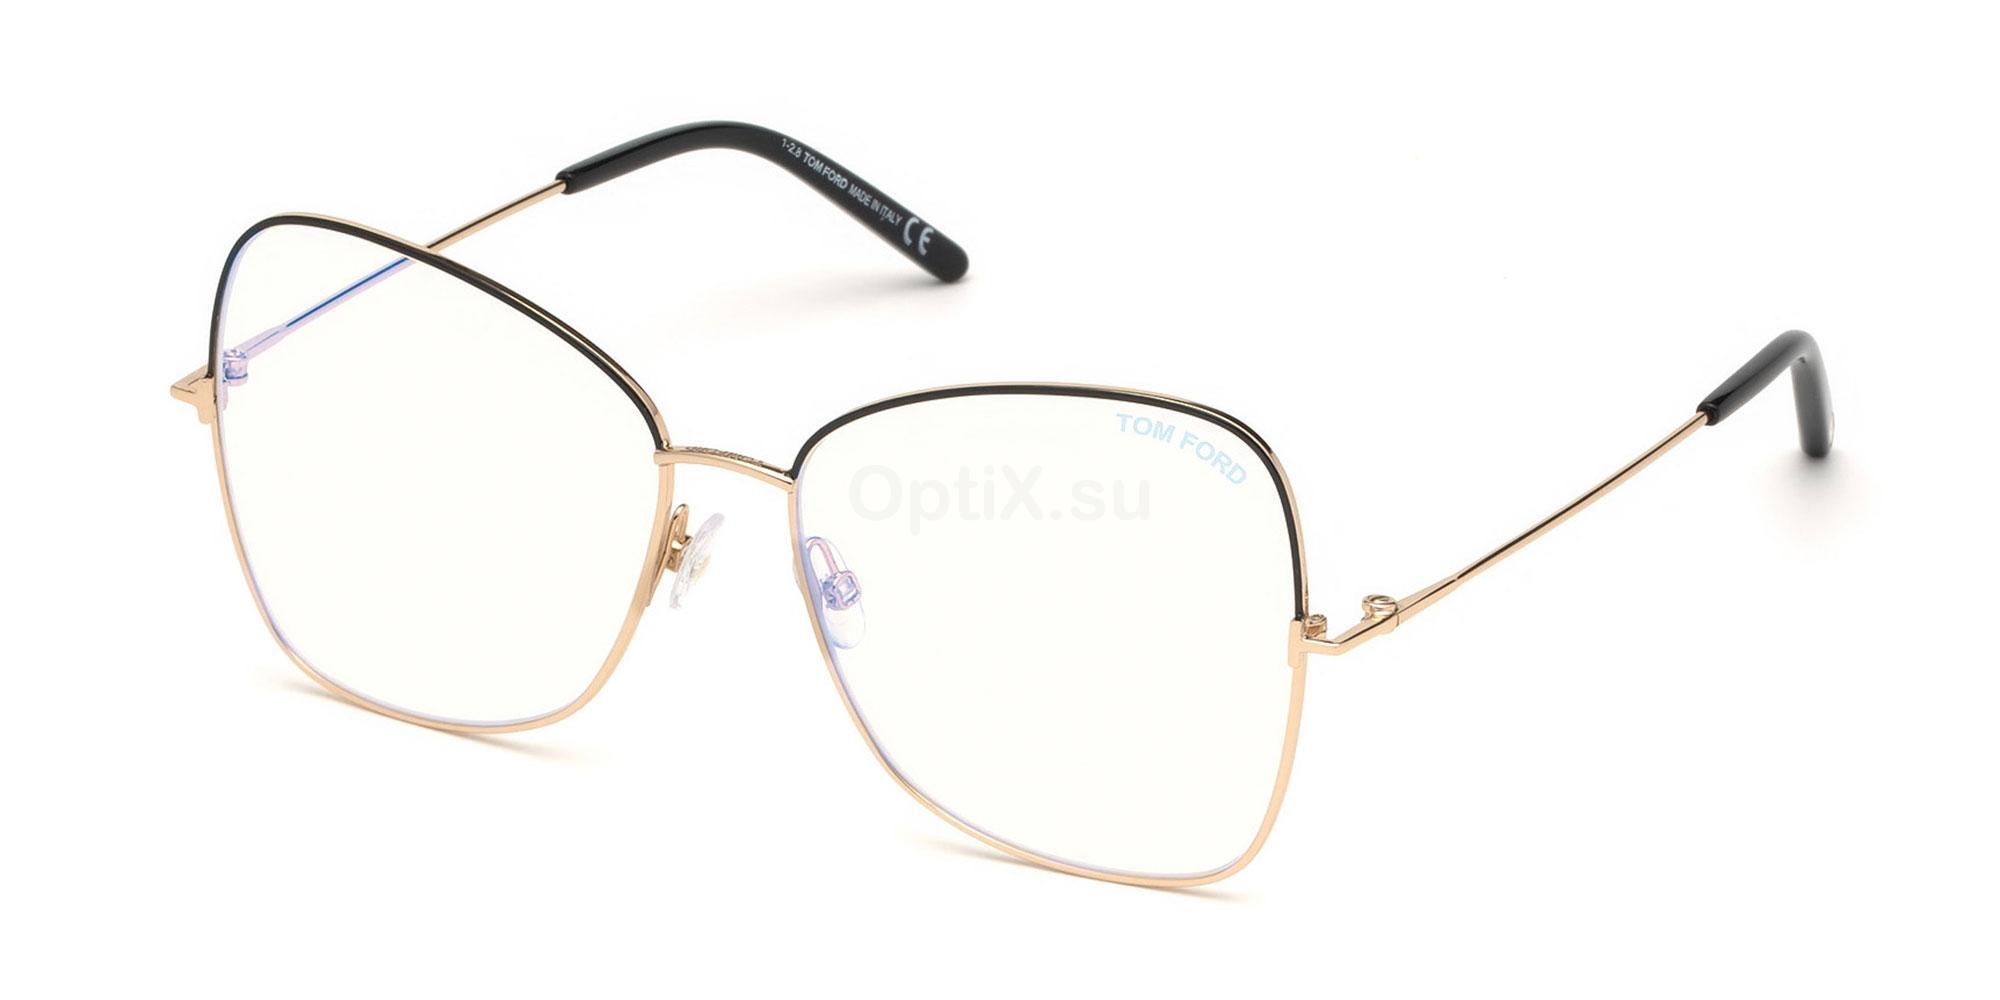 001 FT5571-B Glasses, Tom Ford